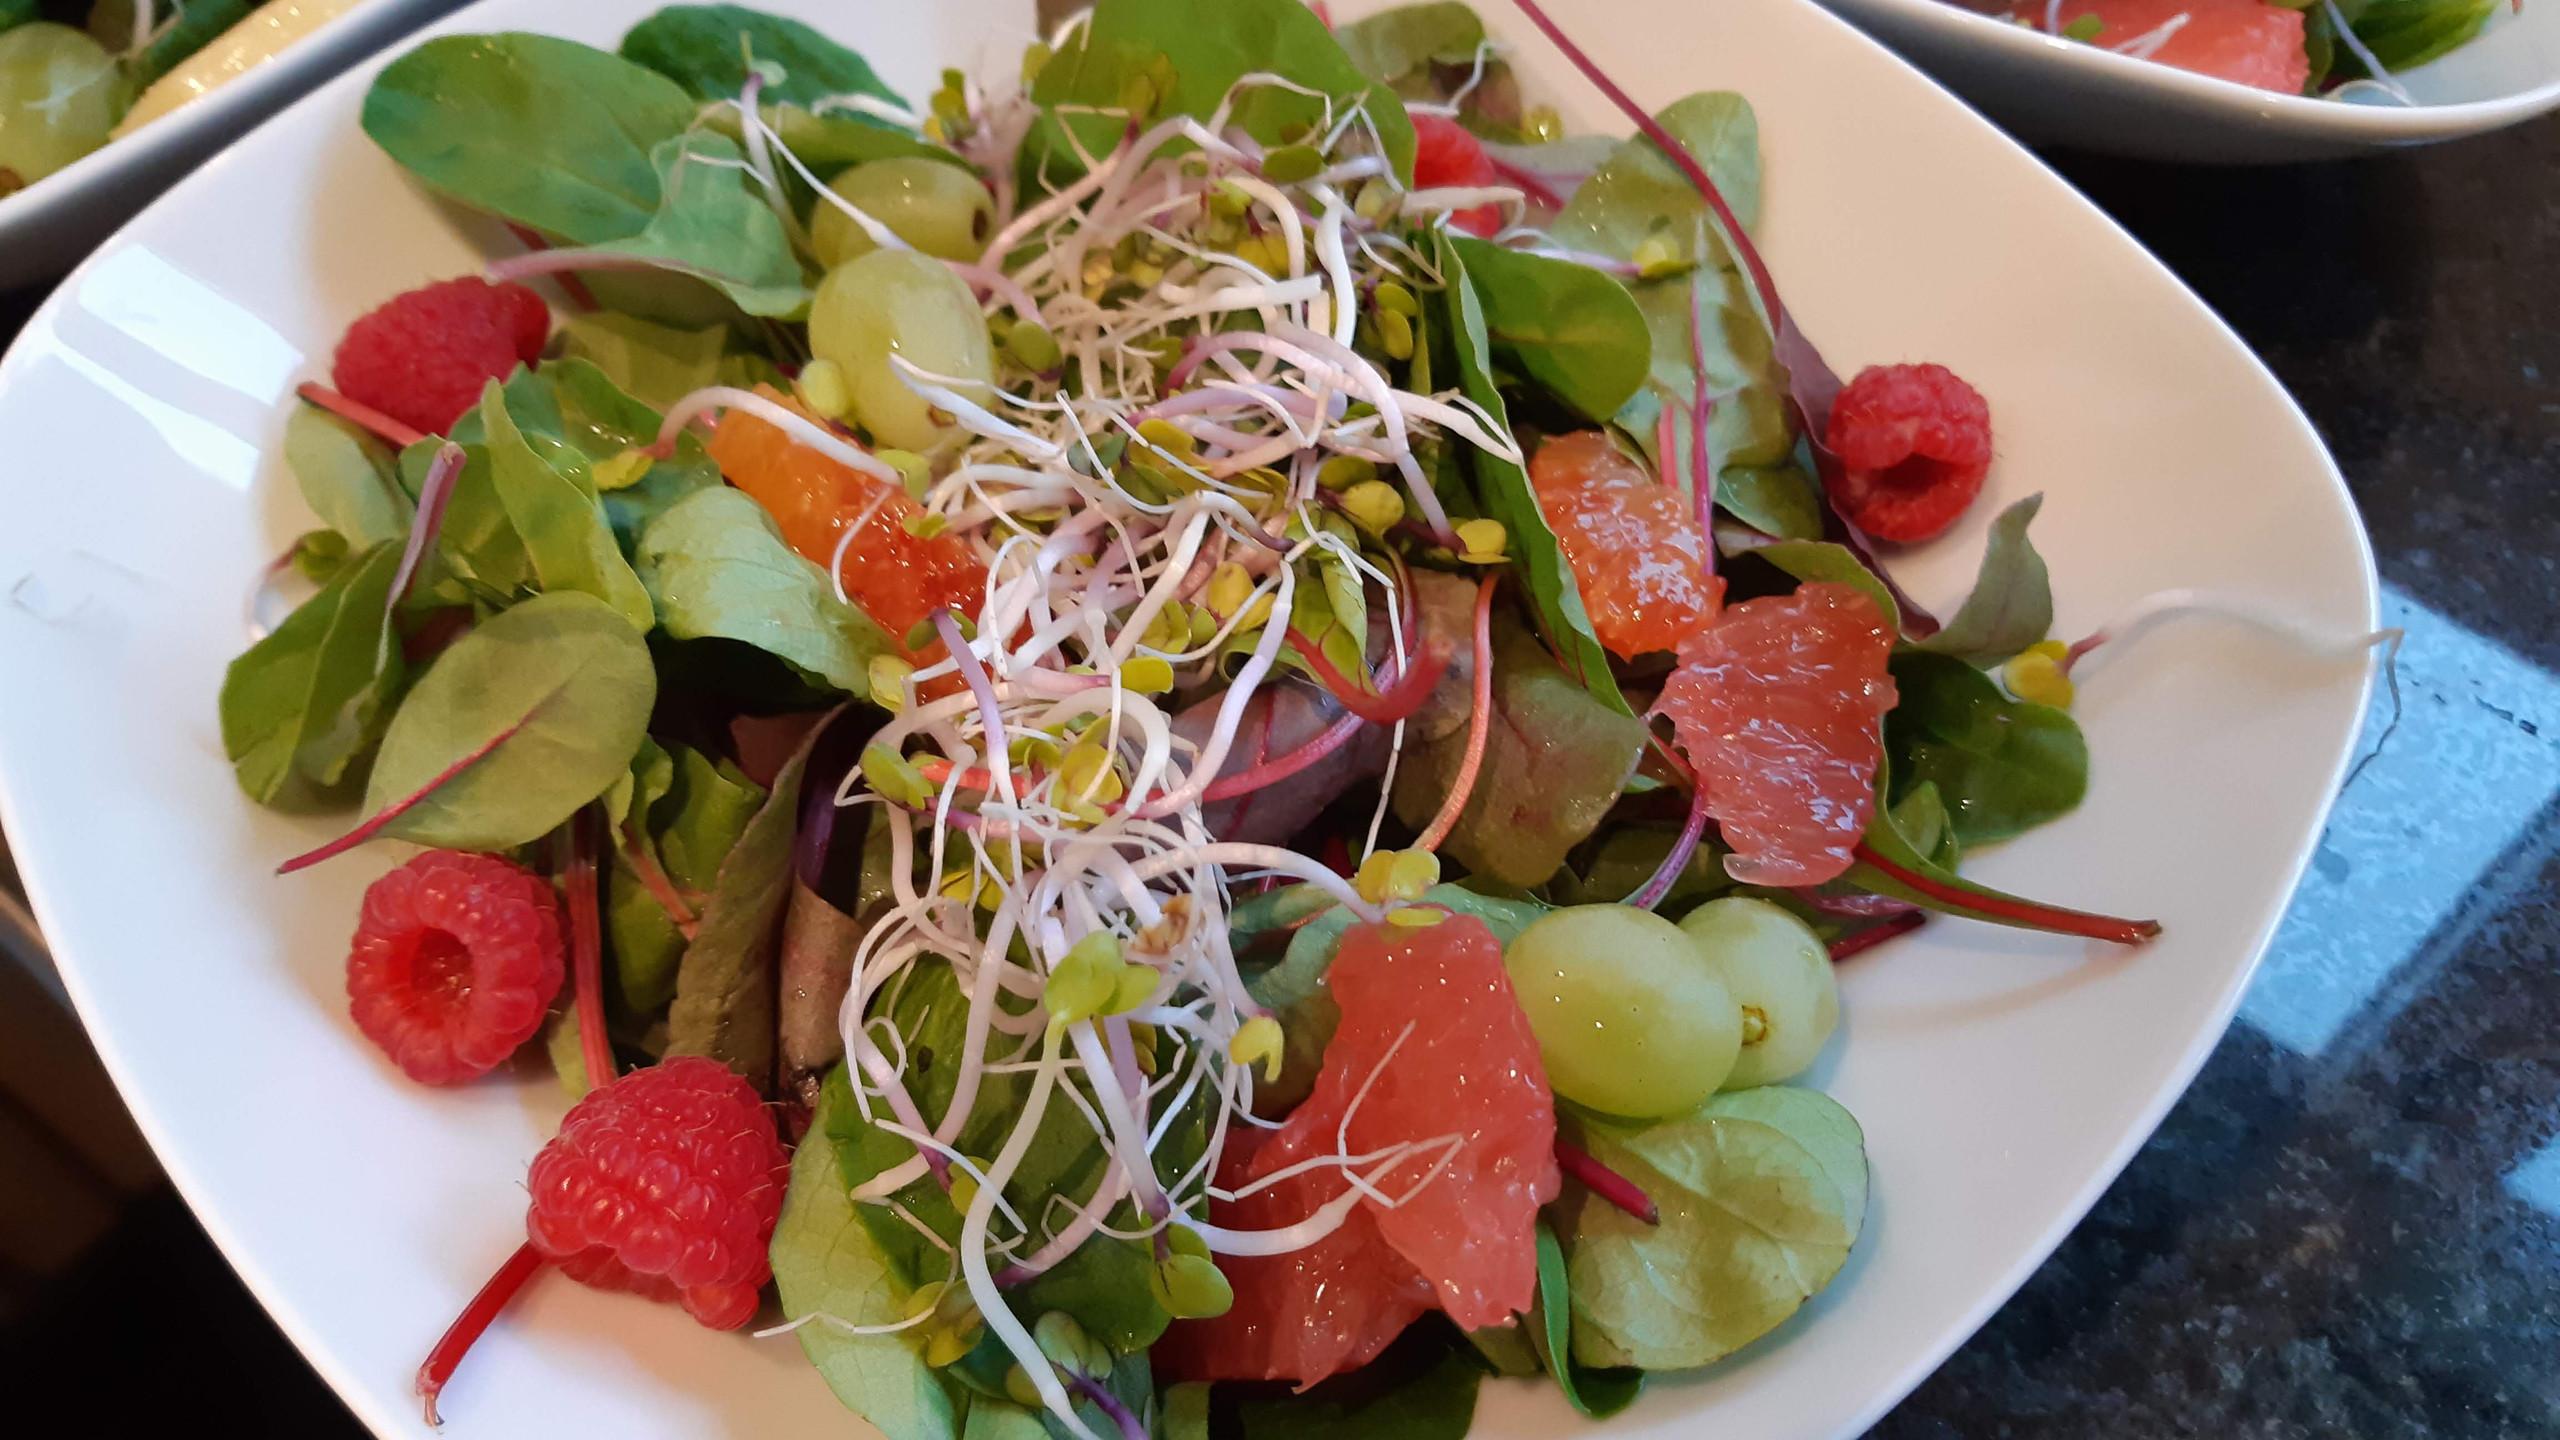 Blattsalat mit Früchten